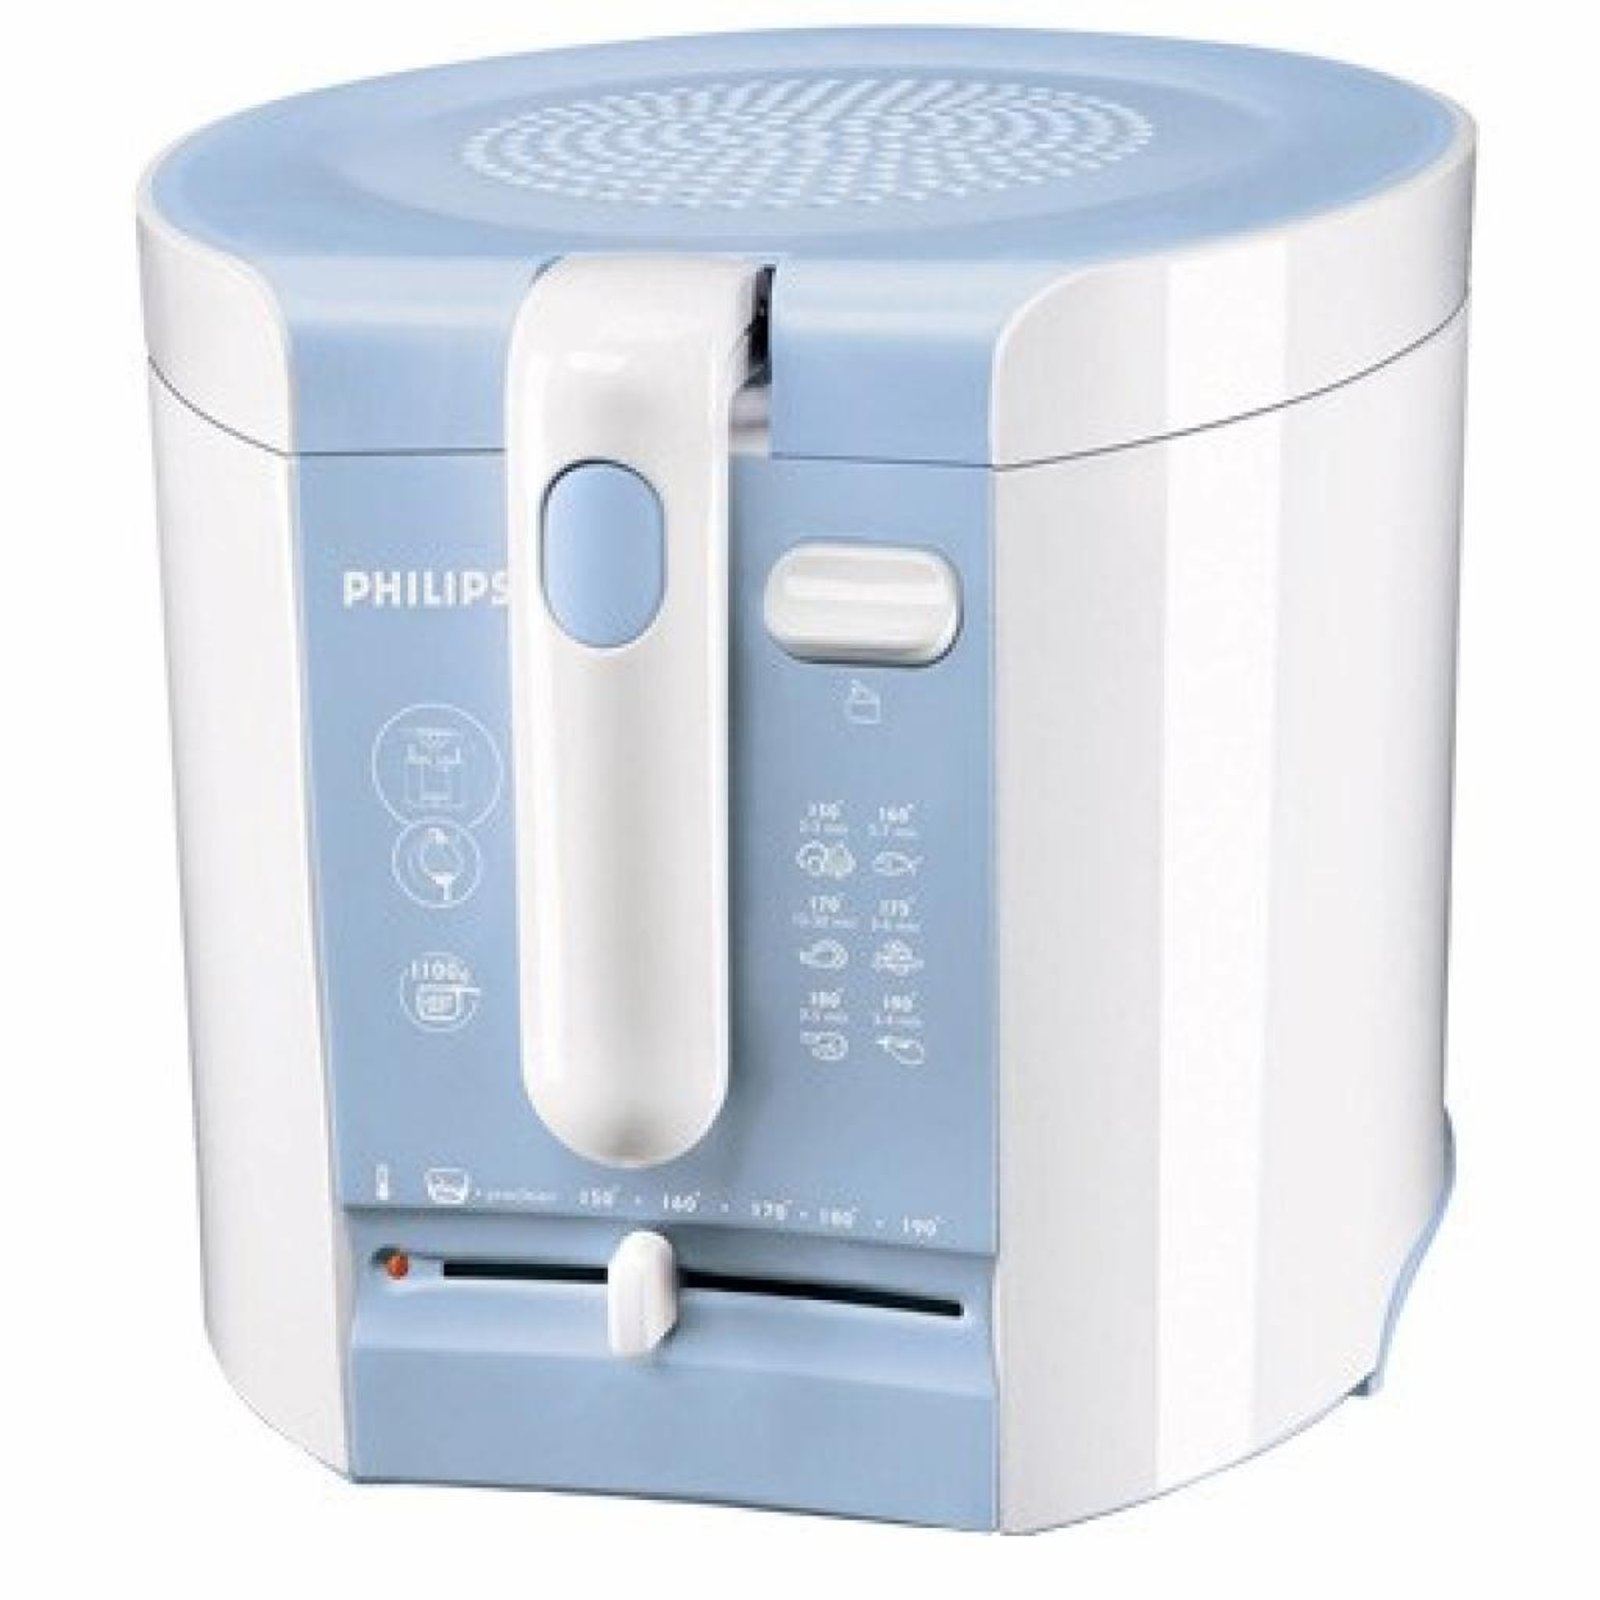 Фритюрница PHILIPS HD 6103/70 (HD6103/70)